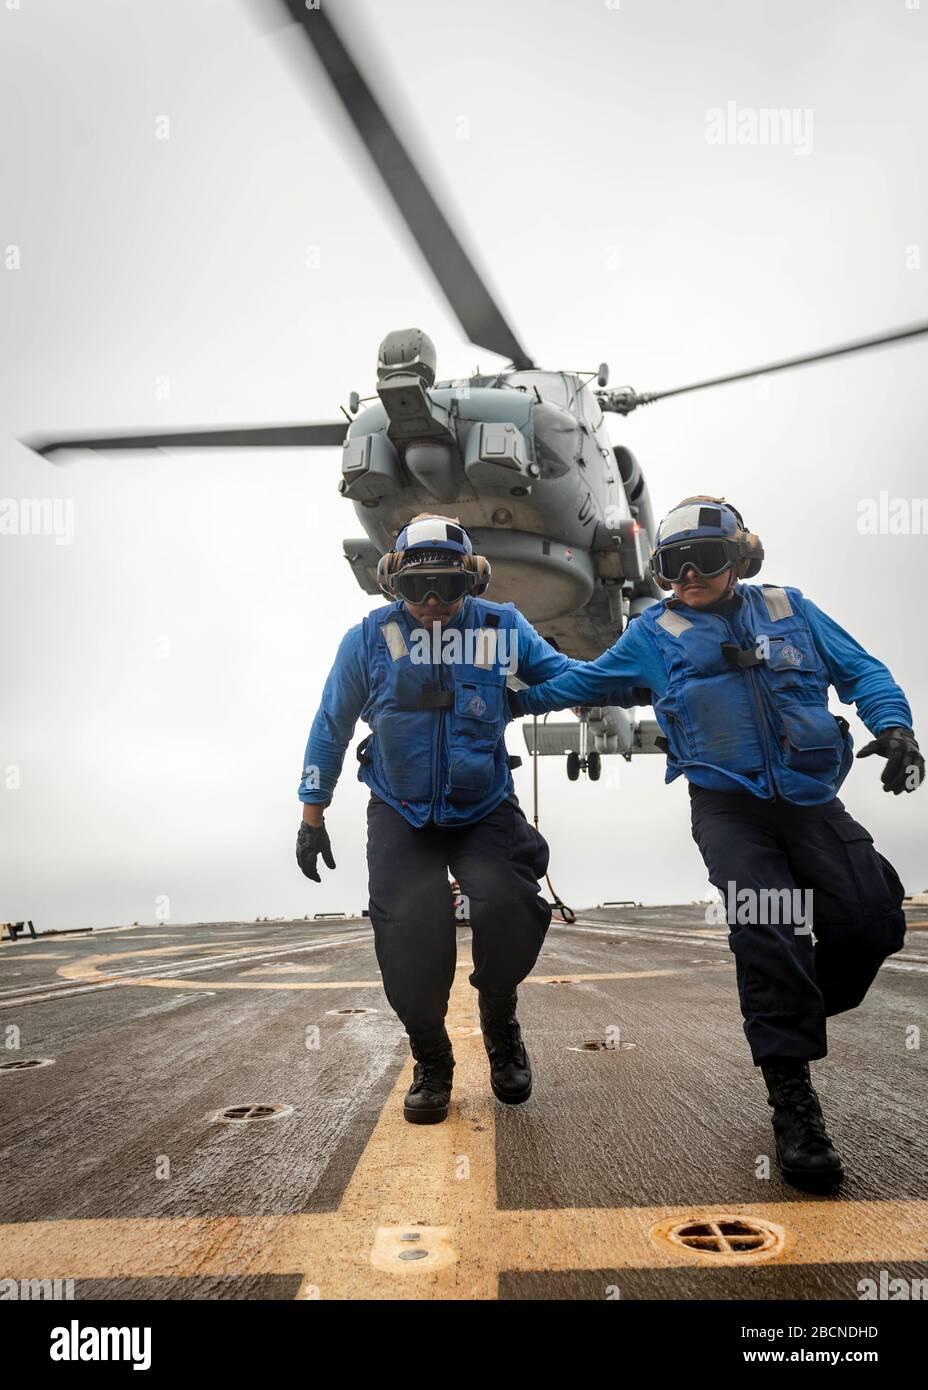 200327-N-WI365-2030 MAR 27, 2020) – Especialista culinario de la Marina de EE.UU. Miquale Claude de tercera clase, izquierda, de Emporia, Virginia, Y Especialista en Logística de 3ª clase Ivan Rojas, de Dallas, corre hacia la línea de la cubierta de vuelo a bordo del destructor de misiles guiados de la clase Arleigh Burke USS McCampbell (DDG 85) durante un entrenamiento de reabastecimiento vertical el 27 de marzo de 2020. McCampbell está llevando a cabo operaciones en la región del Indo-Pacífico, mientras que está asignado al Escuadrón Destroyer (DESRON) 15, el mayor DESRON desplegado hacia adelante de la Marina y la principal fuerza de superficie de la 7a flota de Estados Unidos. (EE.UU Navegación Foto de stock